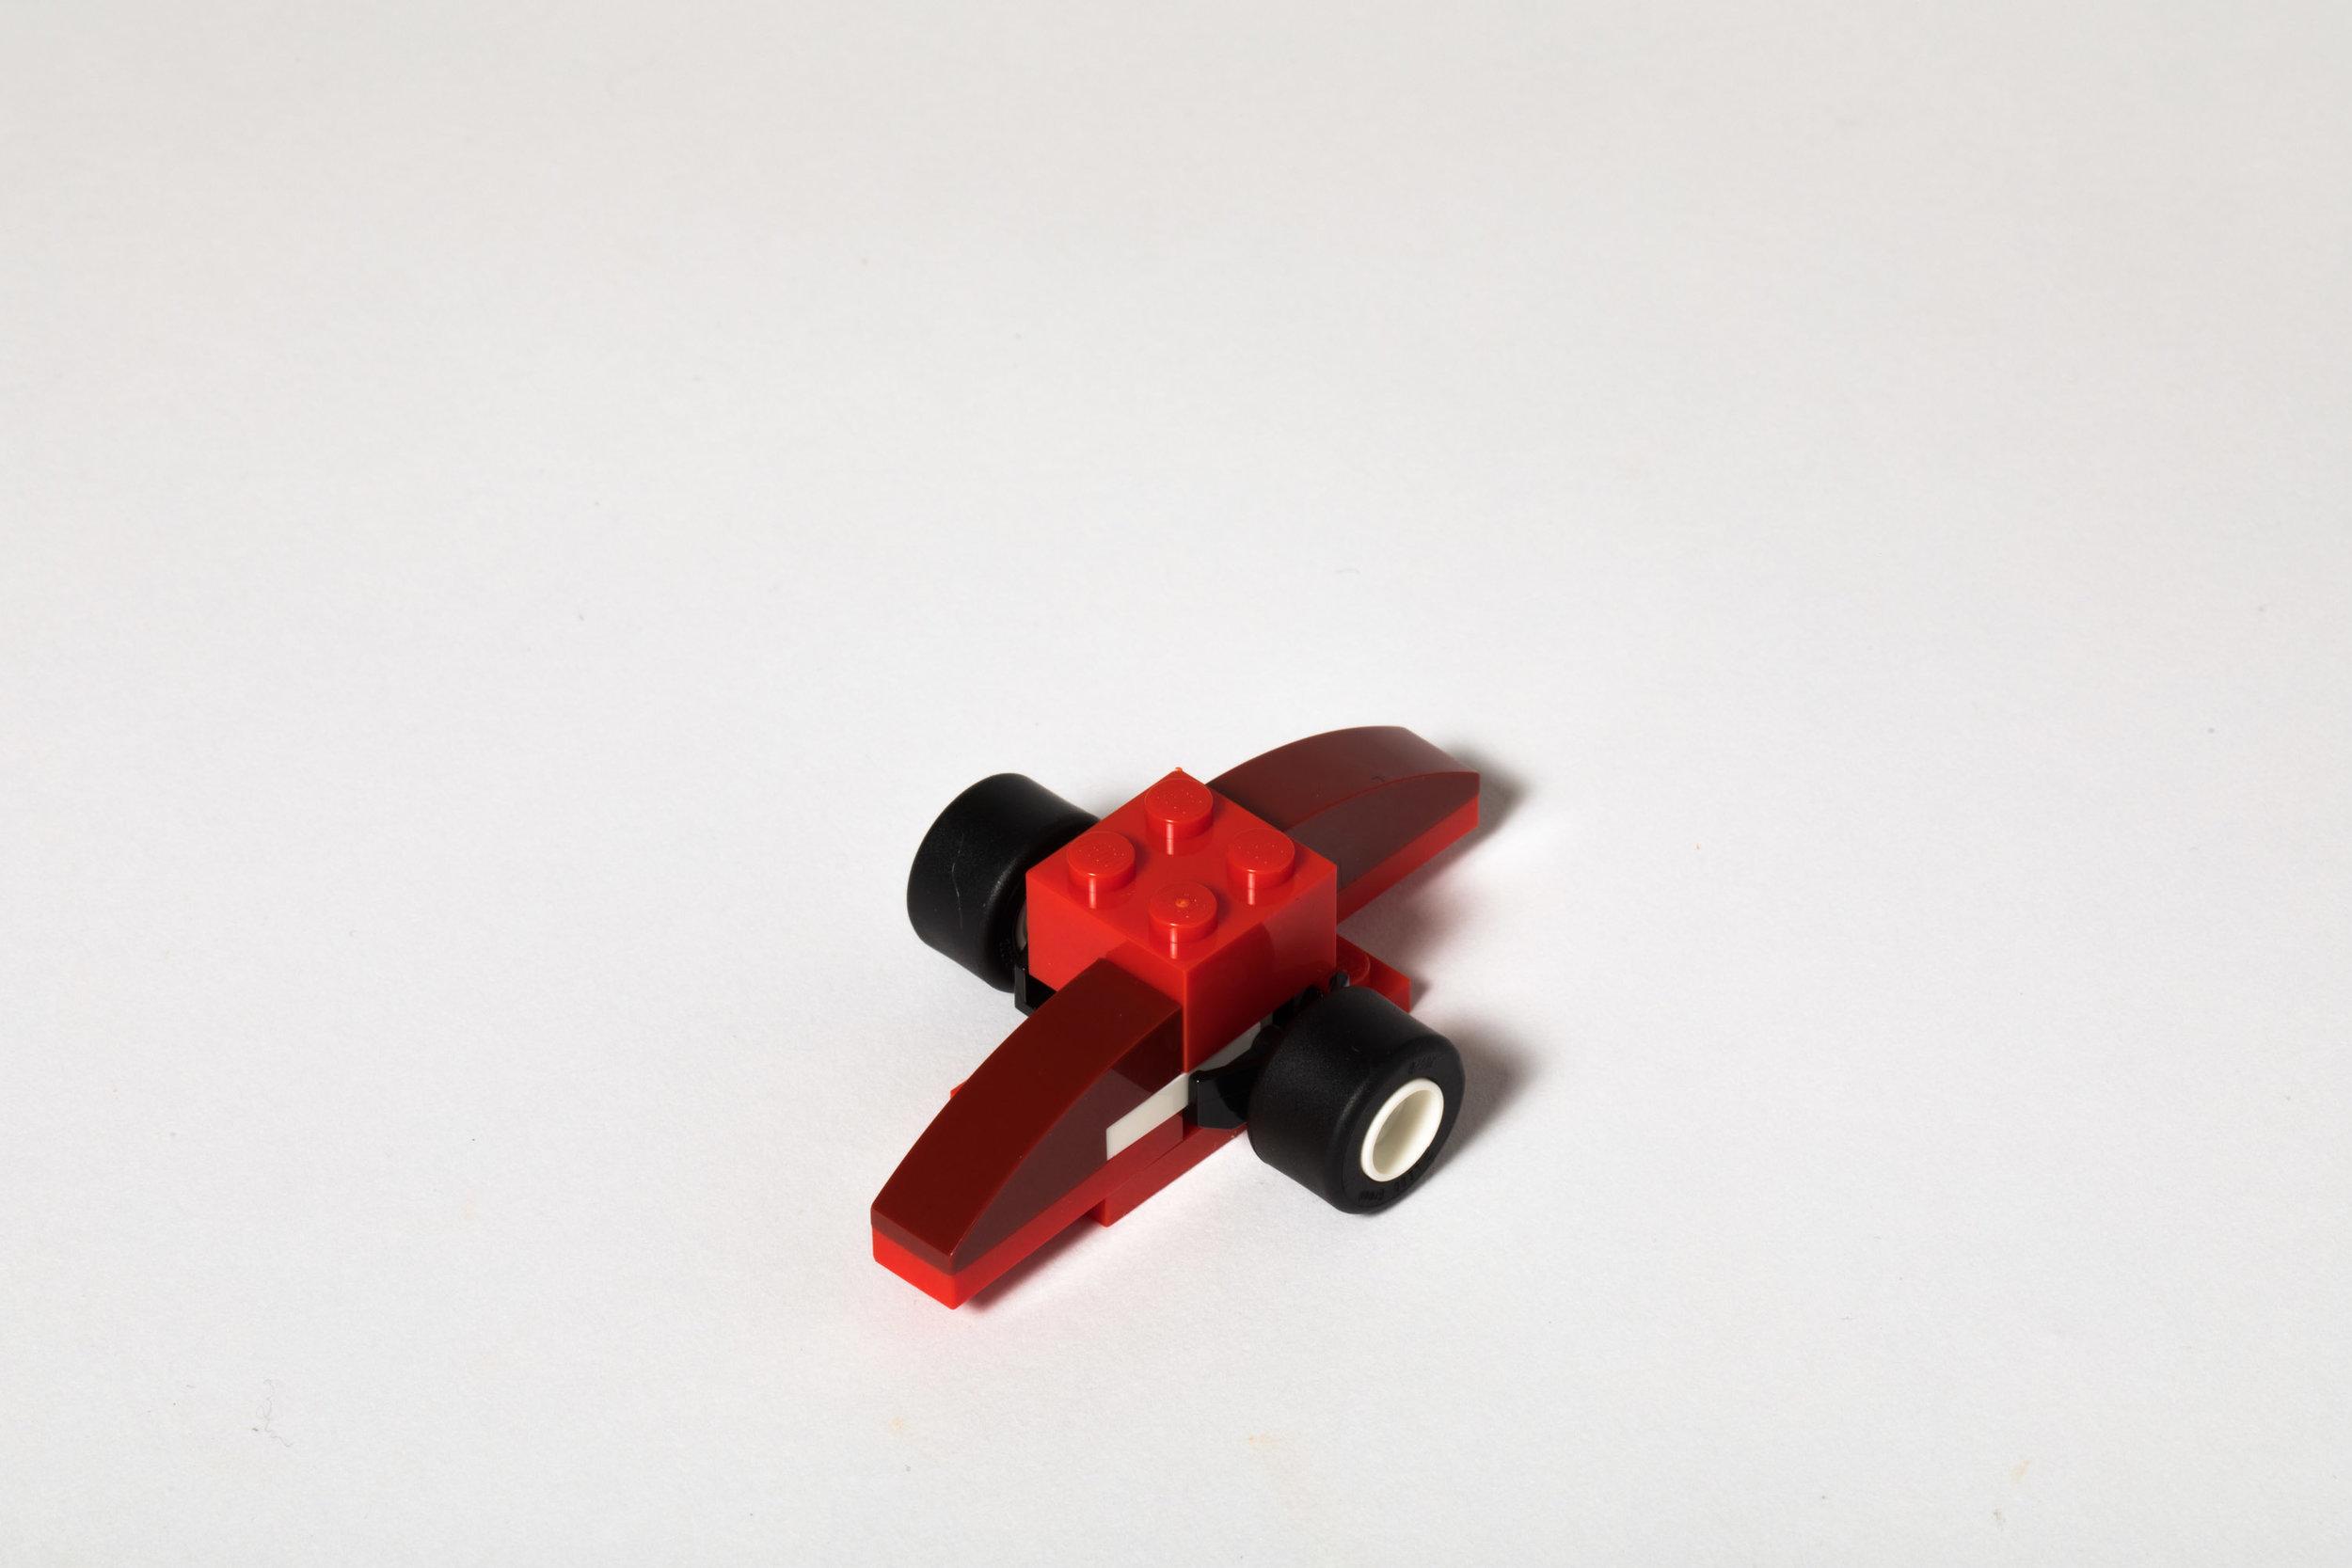 legospinner-8.jpg